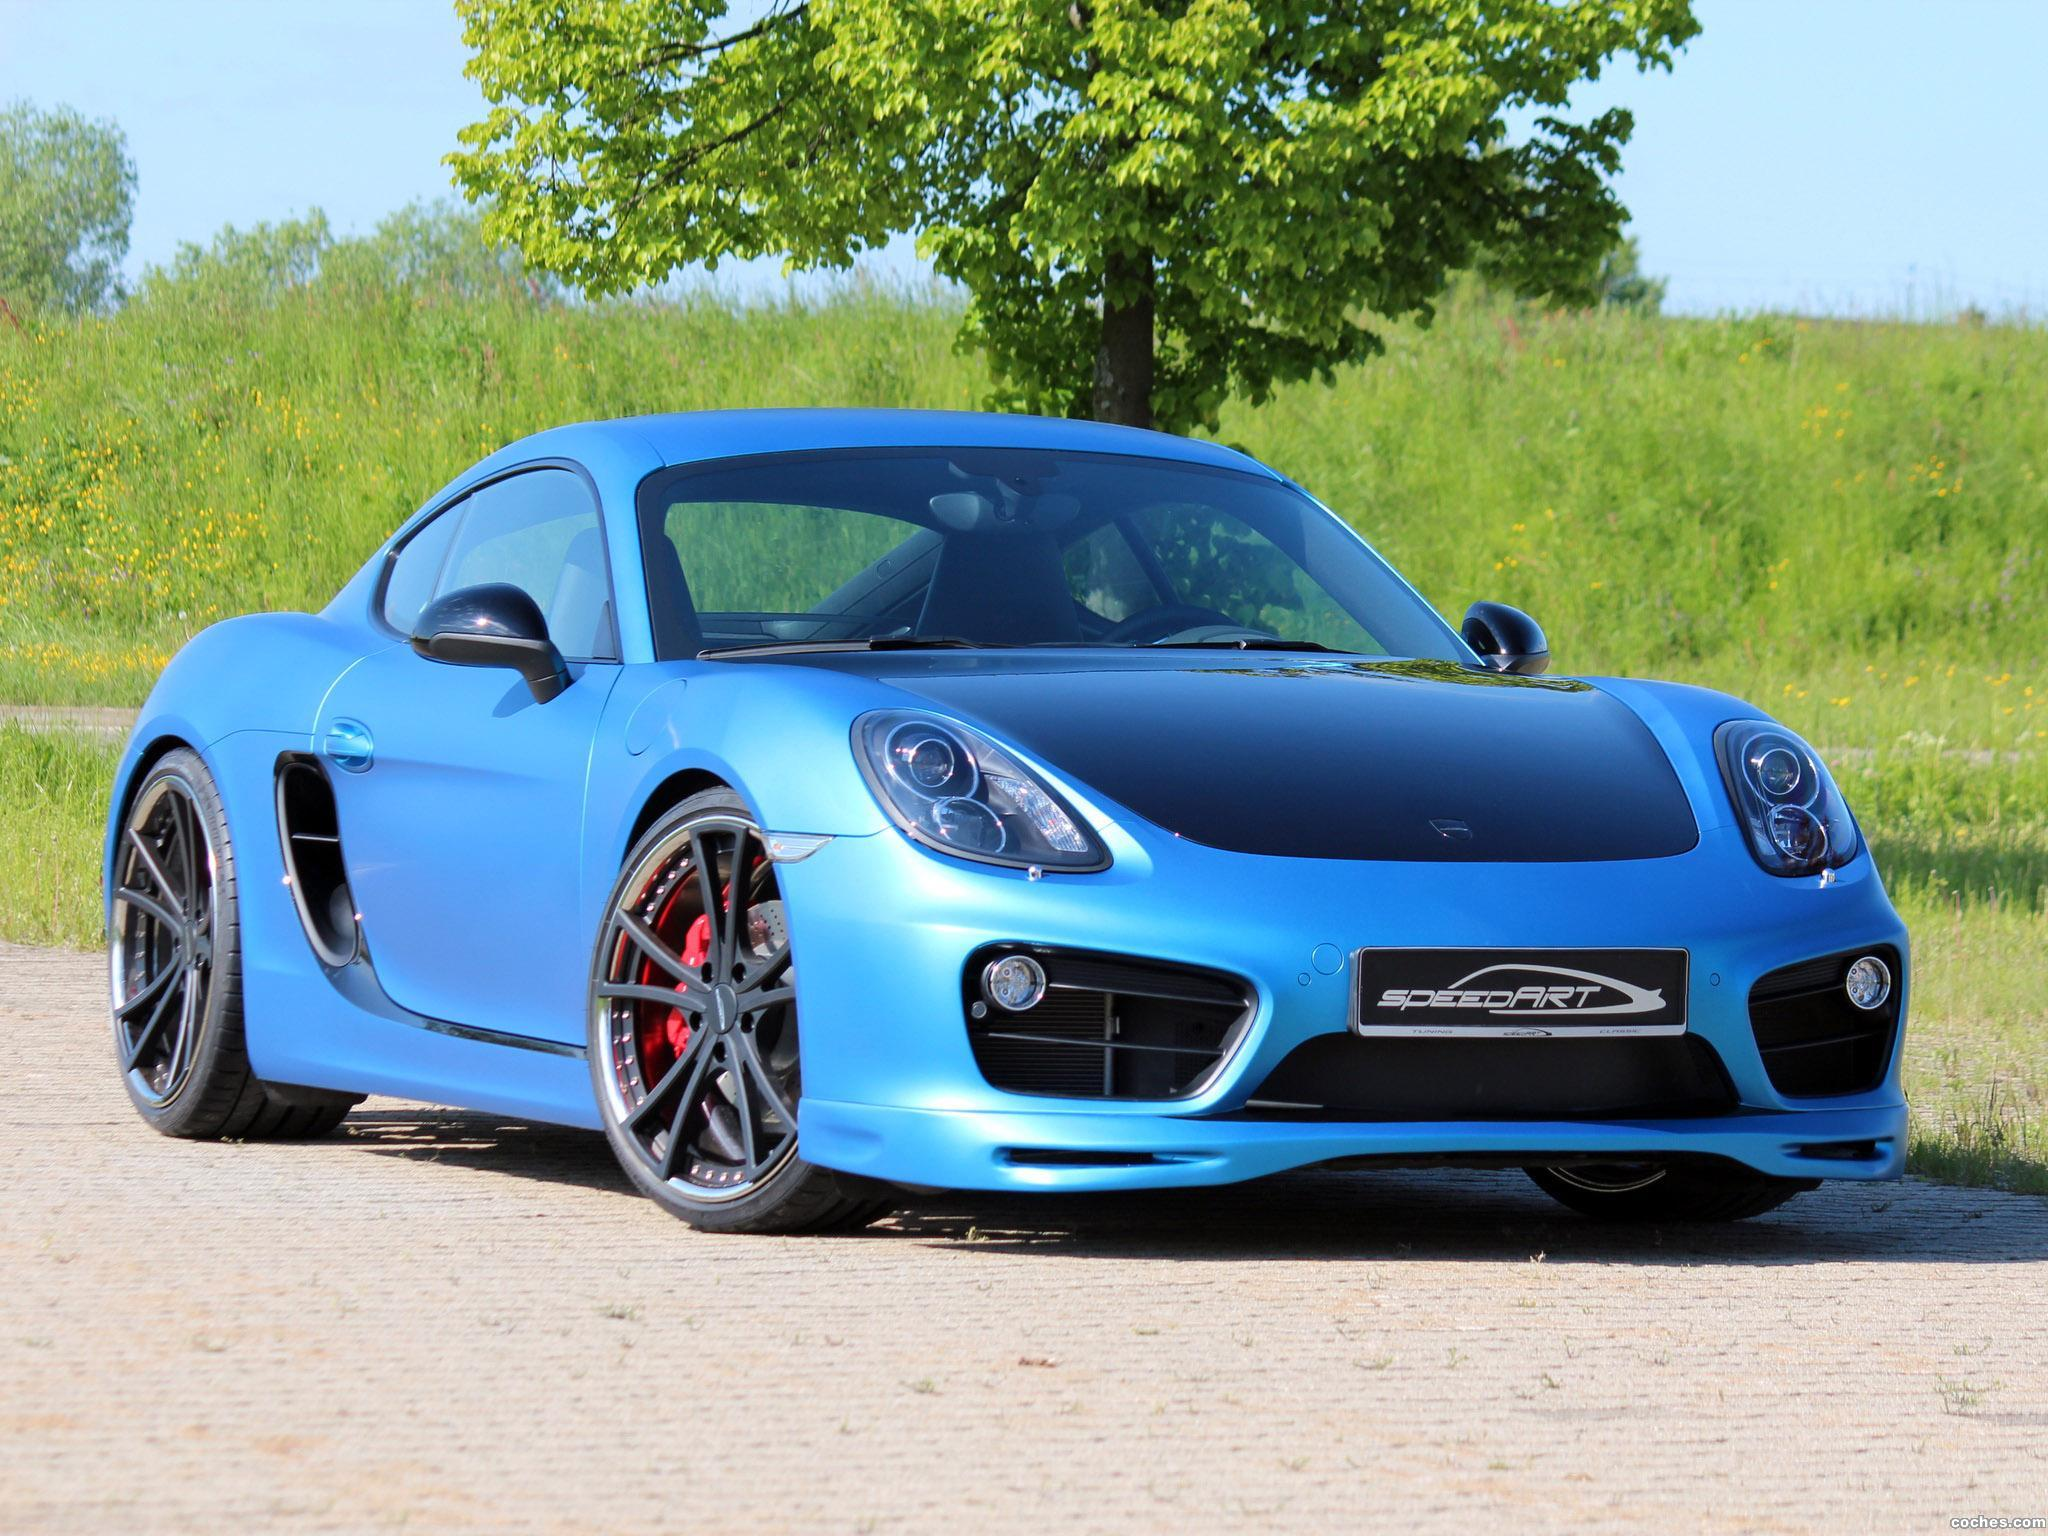 Foto 7 de Speedart Porsche Cayman SP81 CR 981C 2013